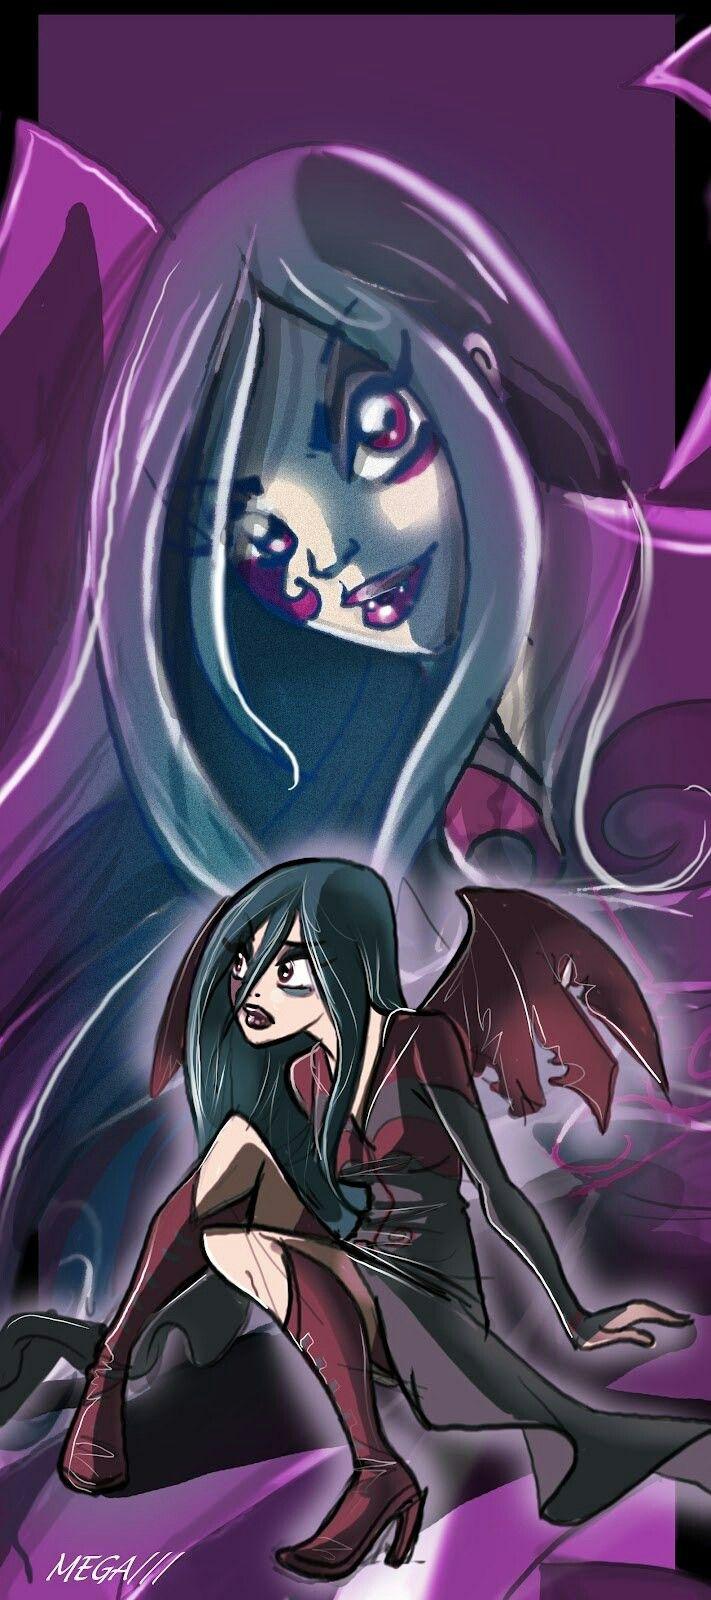 Angel's friends | Рисунки, Мультфильмы, Ангелы и демоны